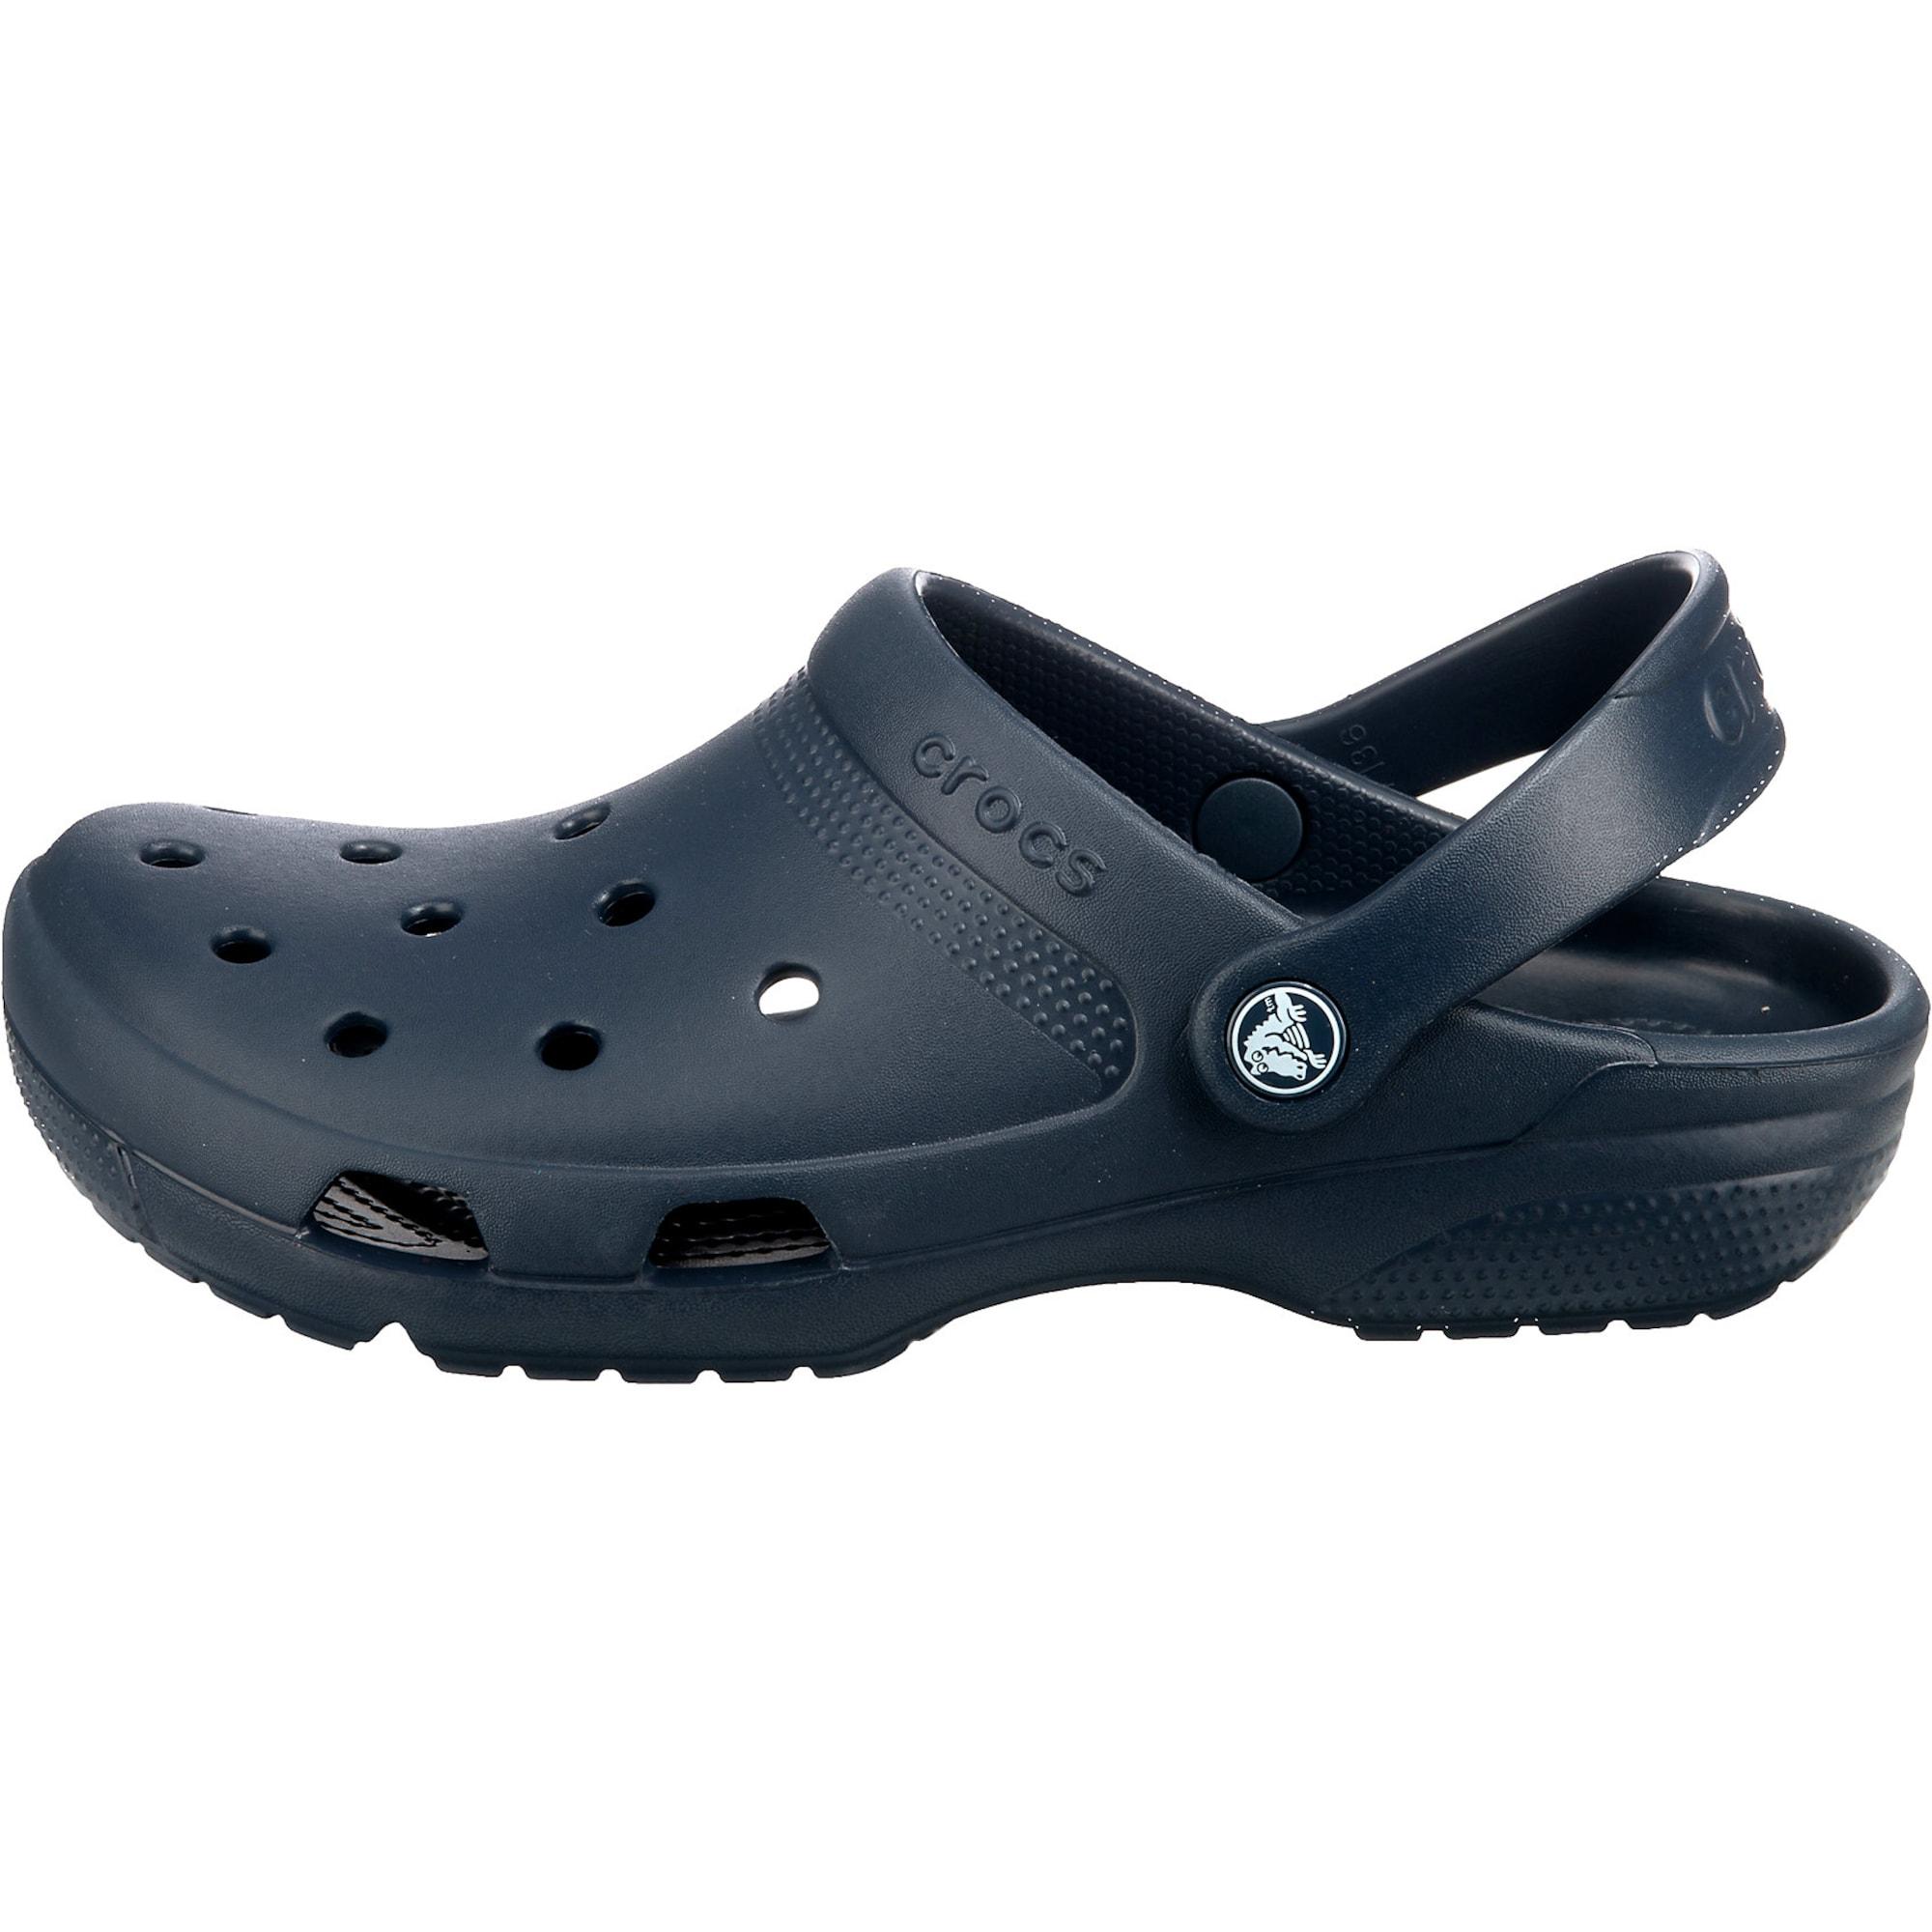 crocs - Coast Clog Clogs